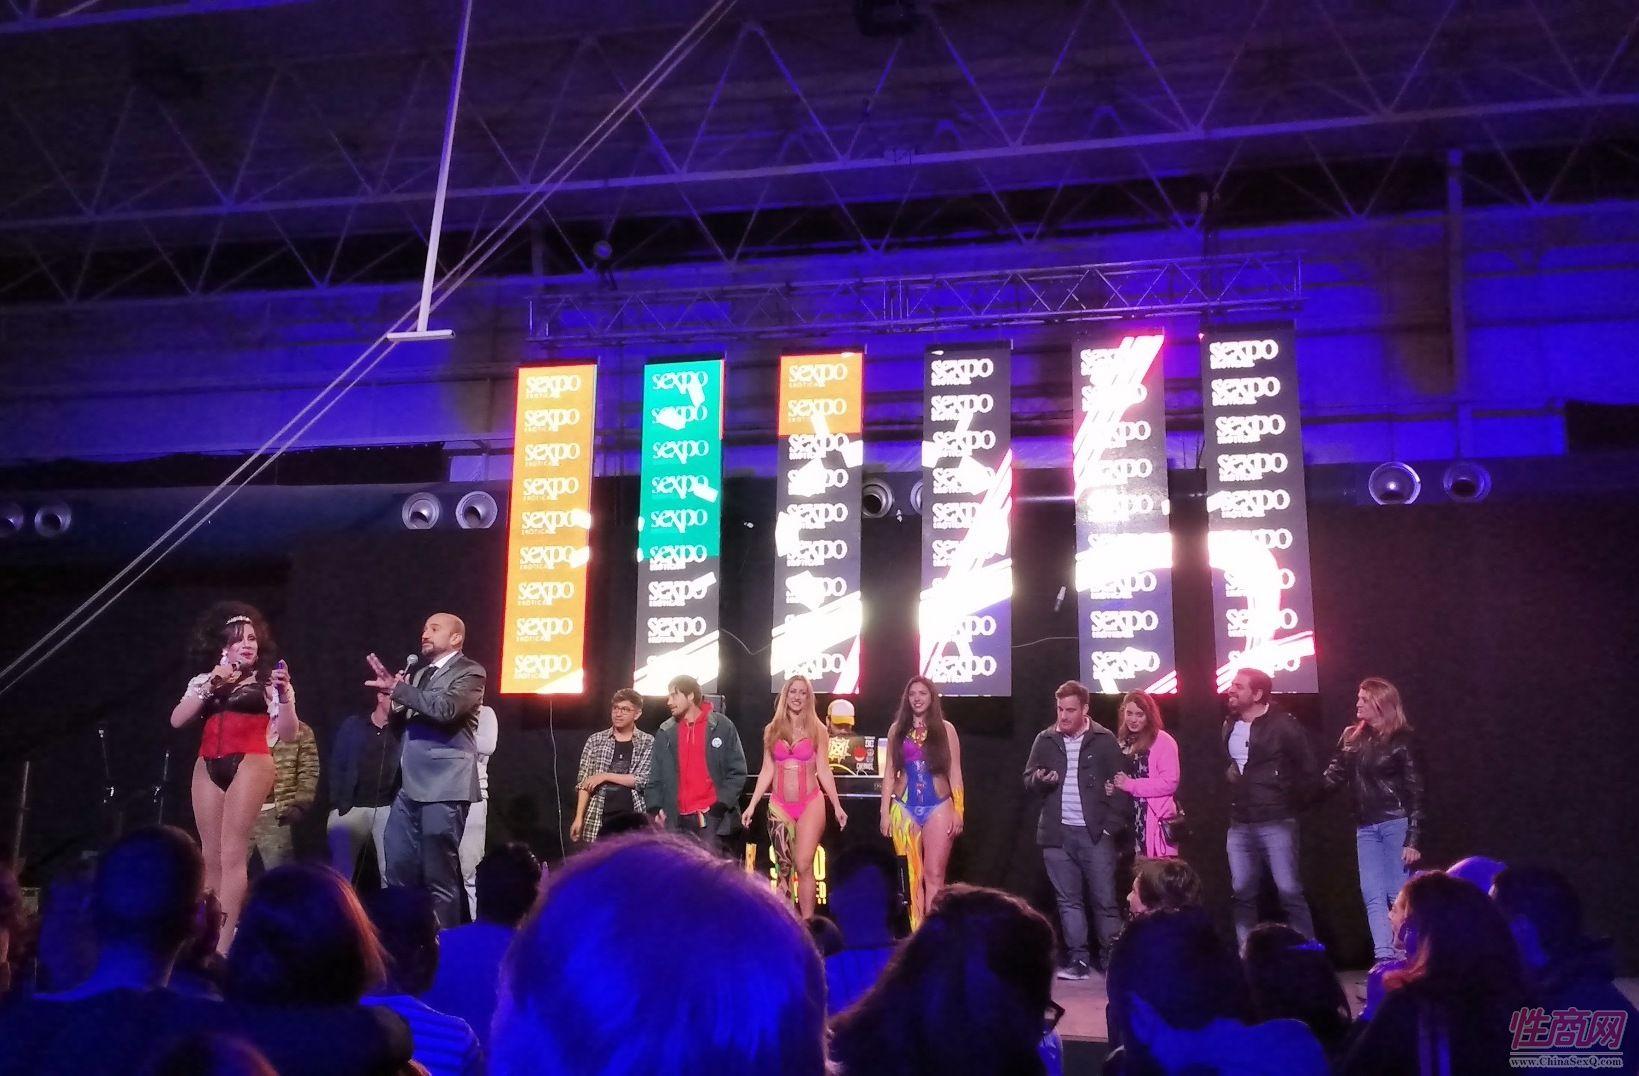 奔放的性感热舞是阿根廷成人展的特色